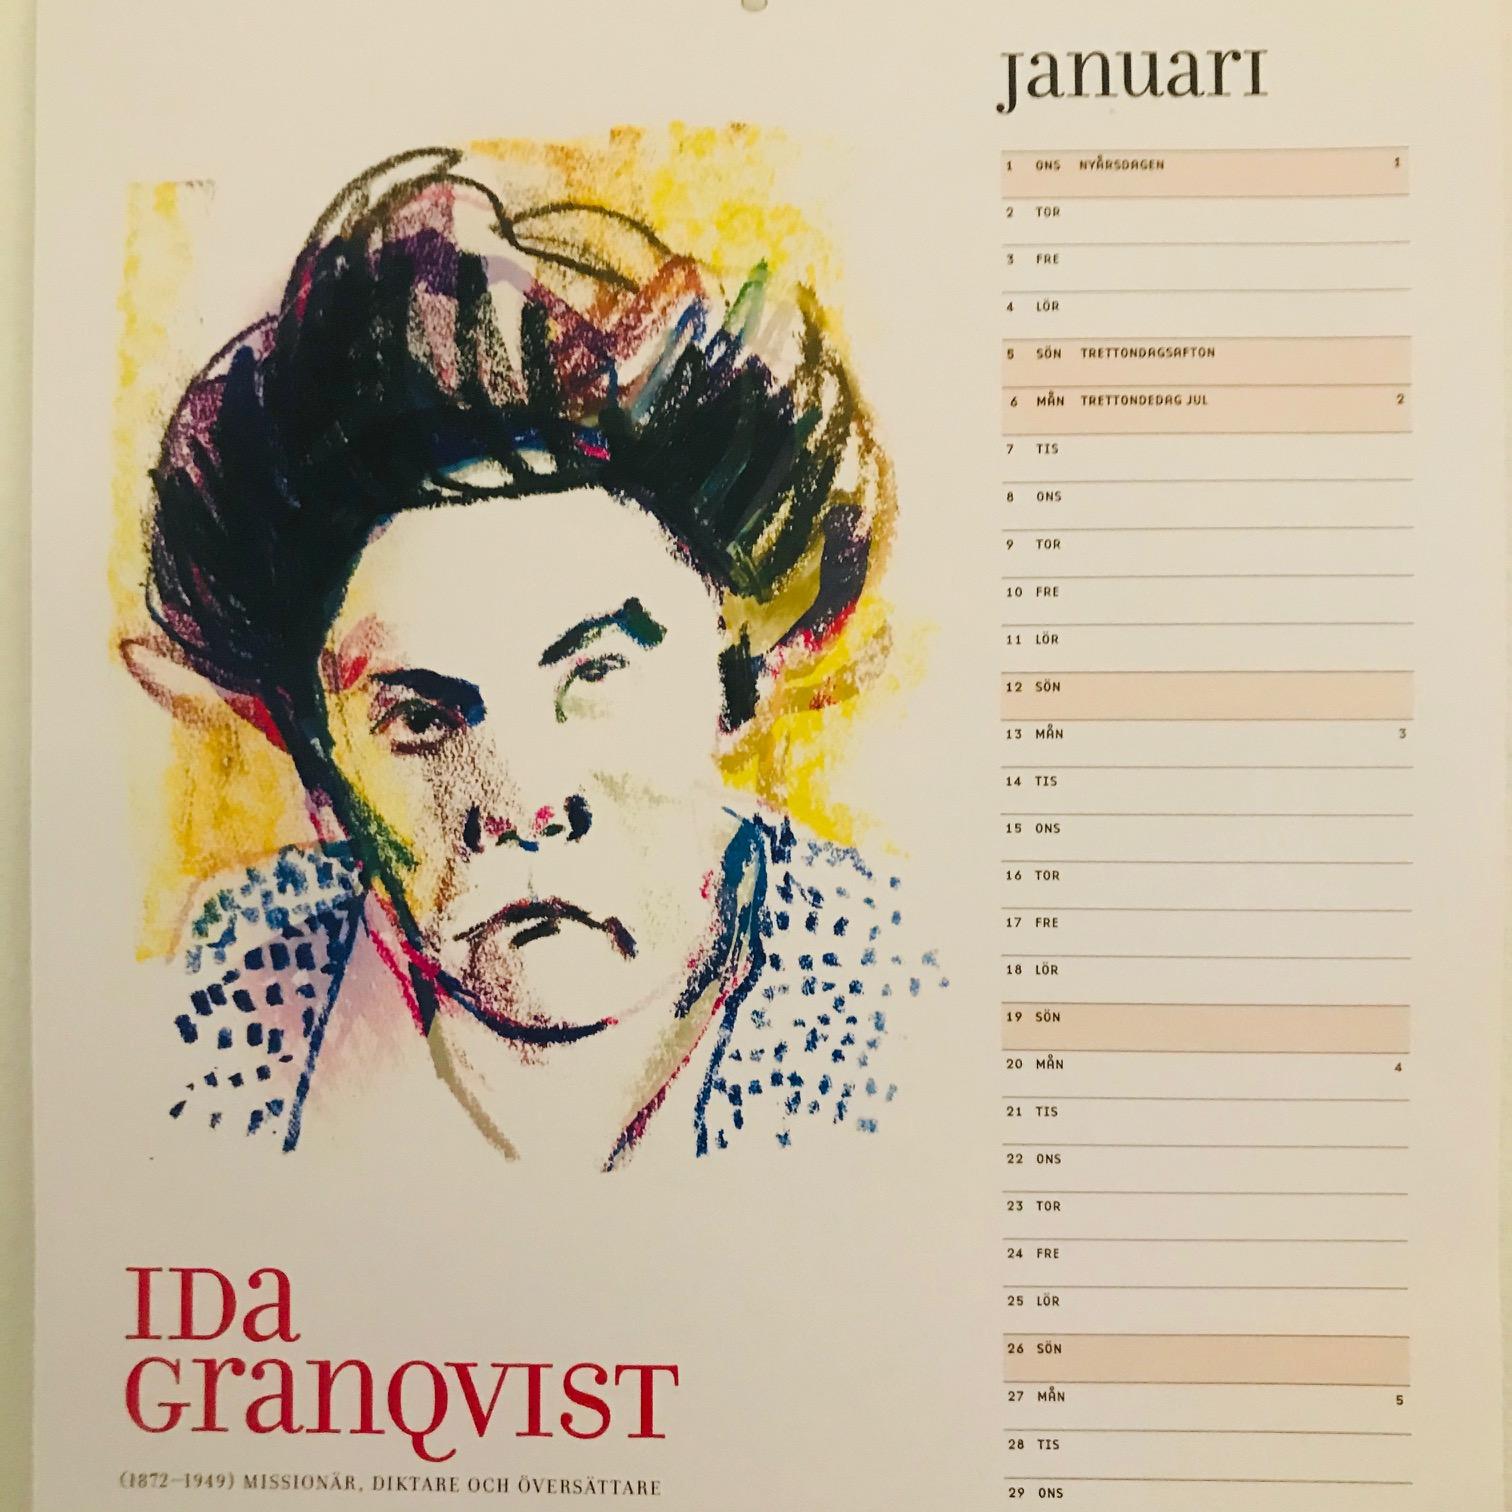 Ida Granqvist